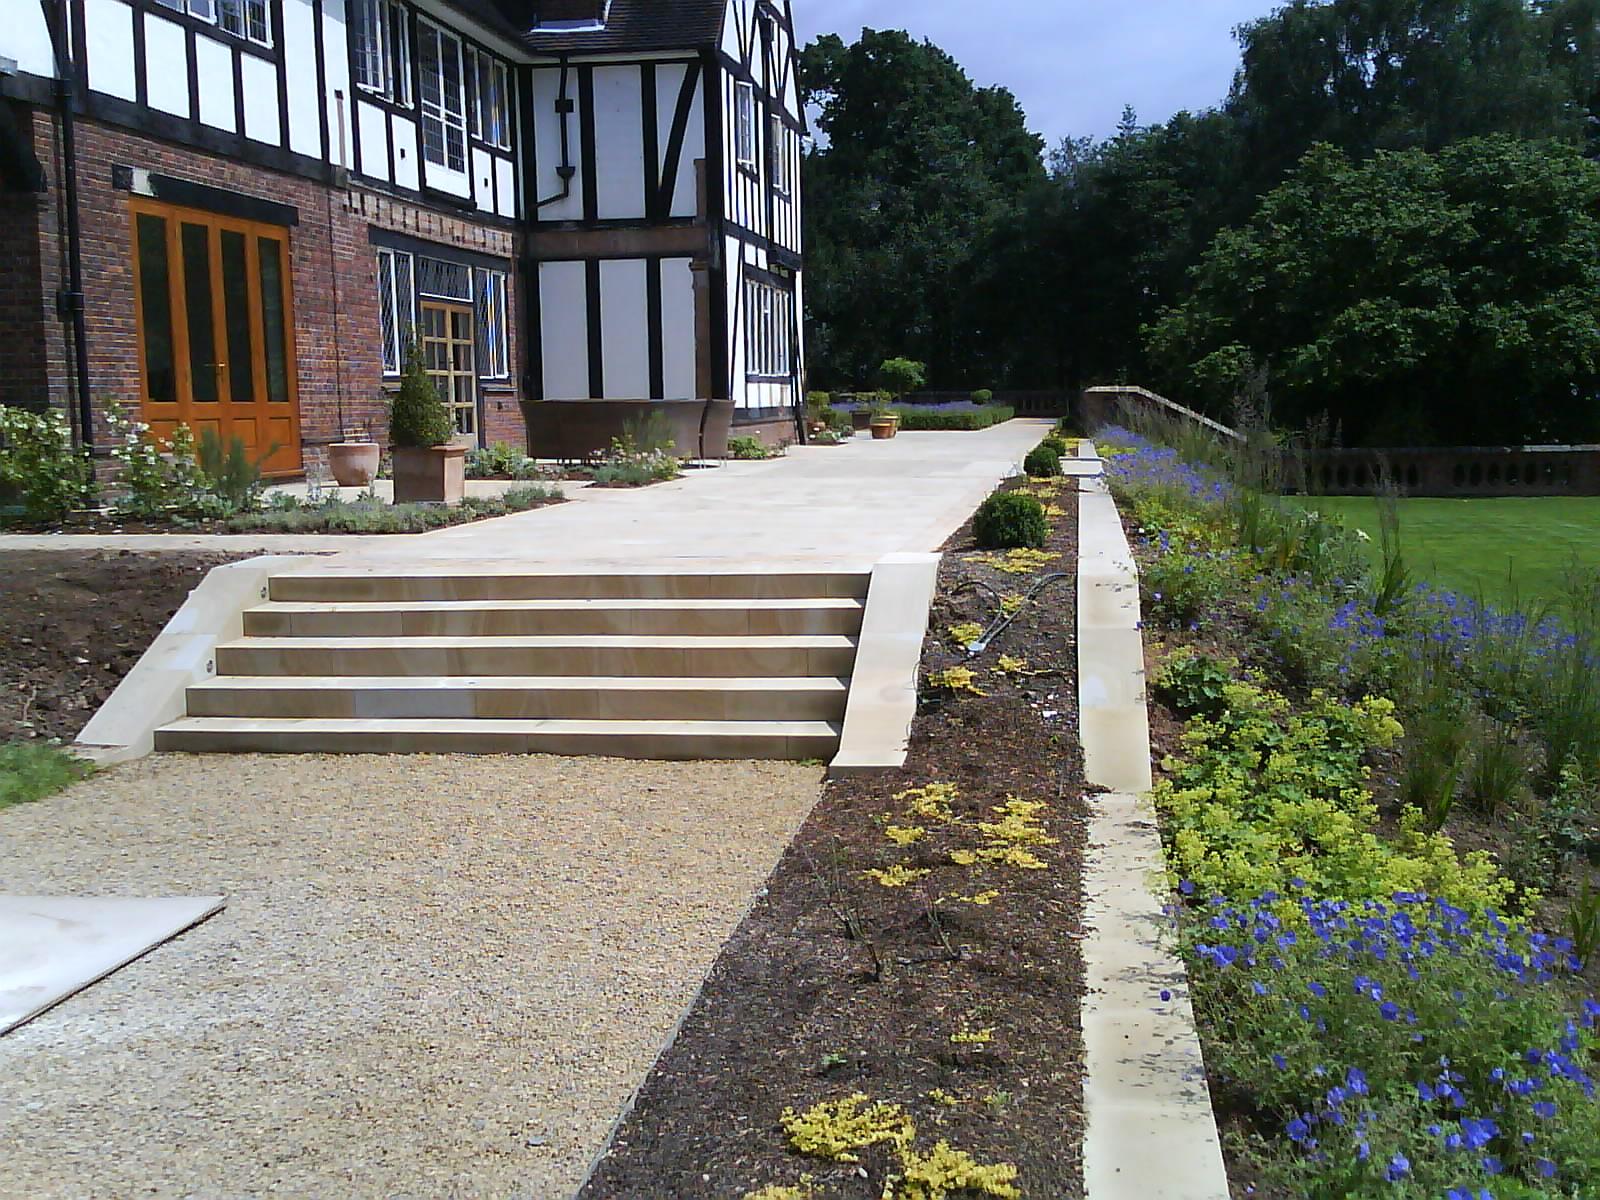 Sandstone Steps, Paving, & Edging